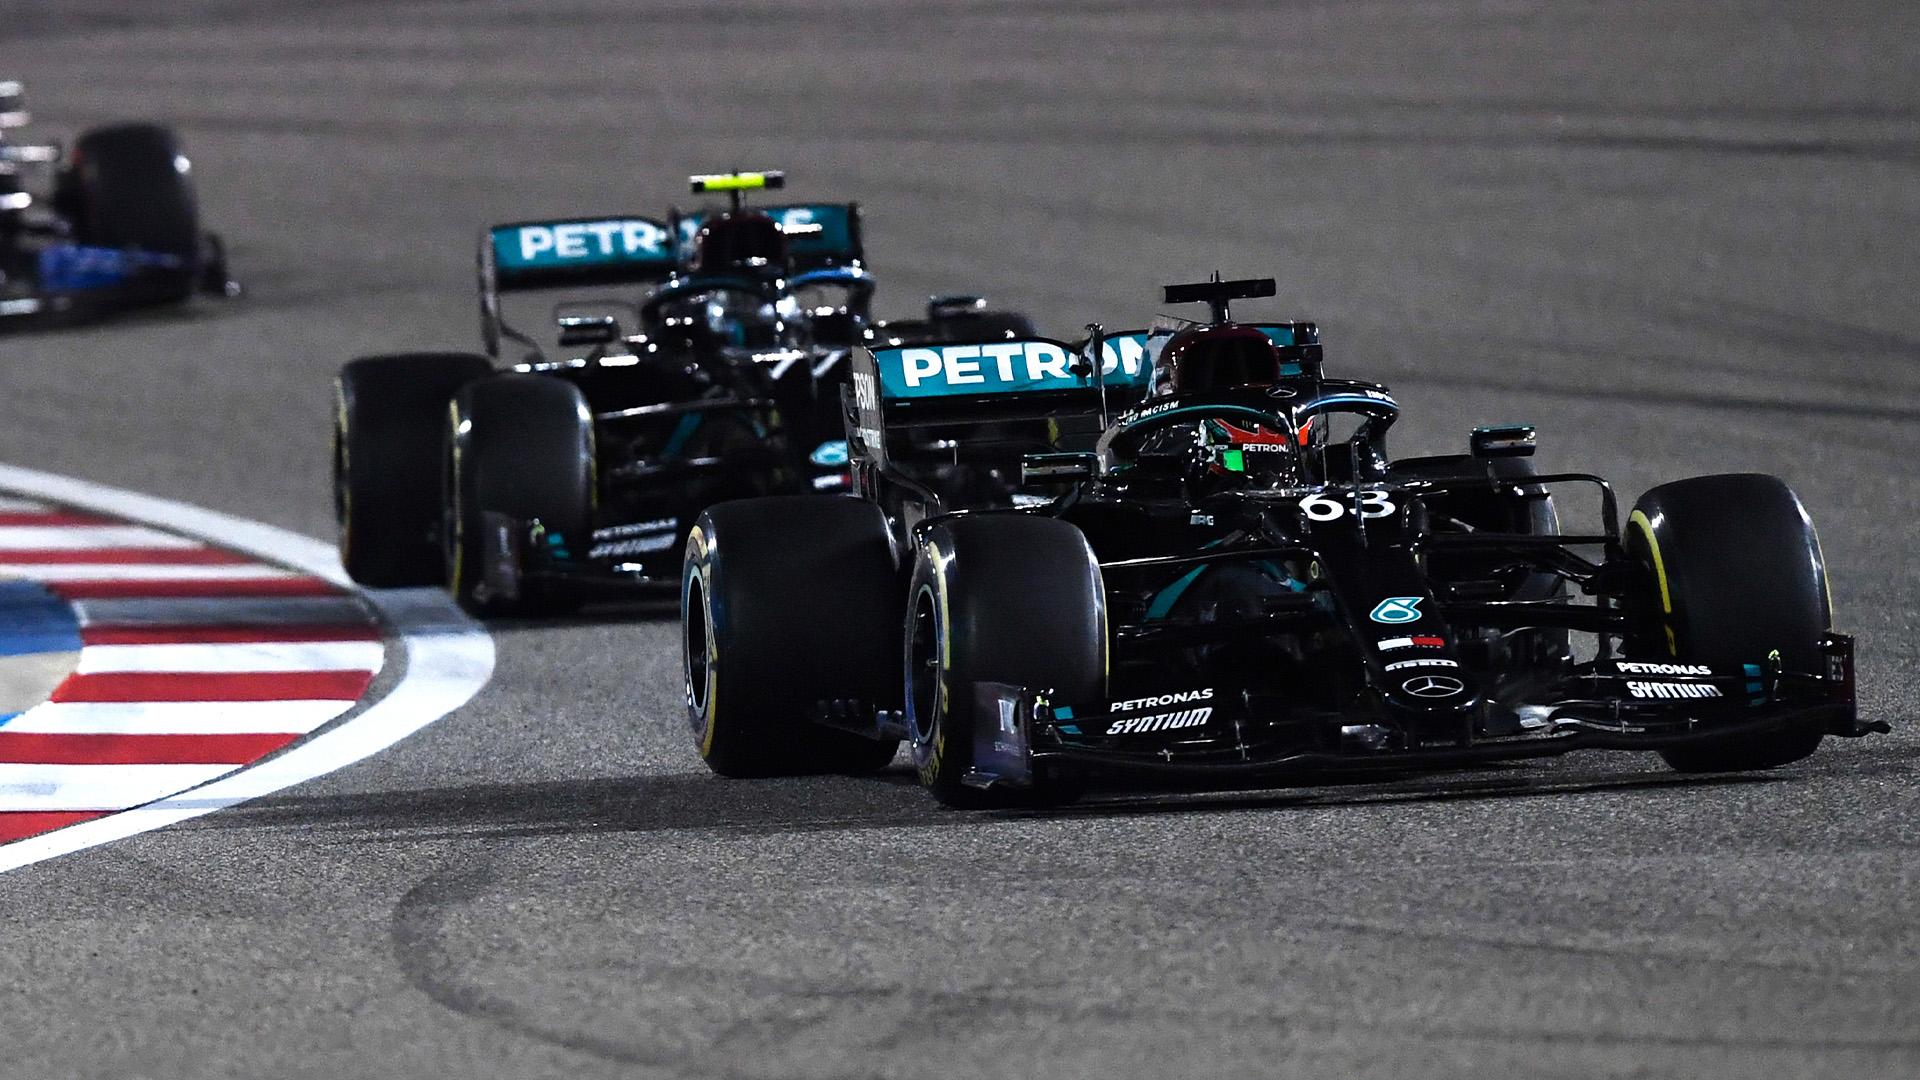 George Russell leads Valtteri Bottas in the 2020 Sakhir Grand Prix